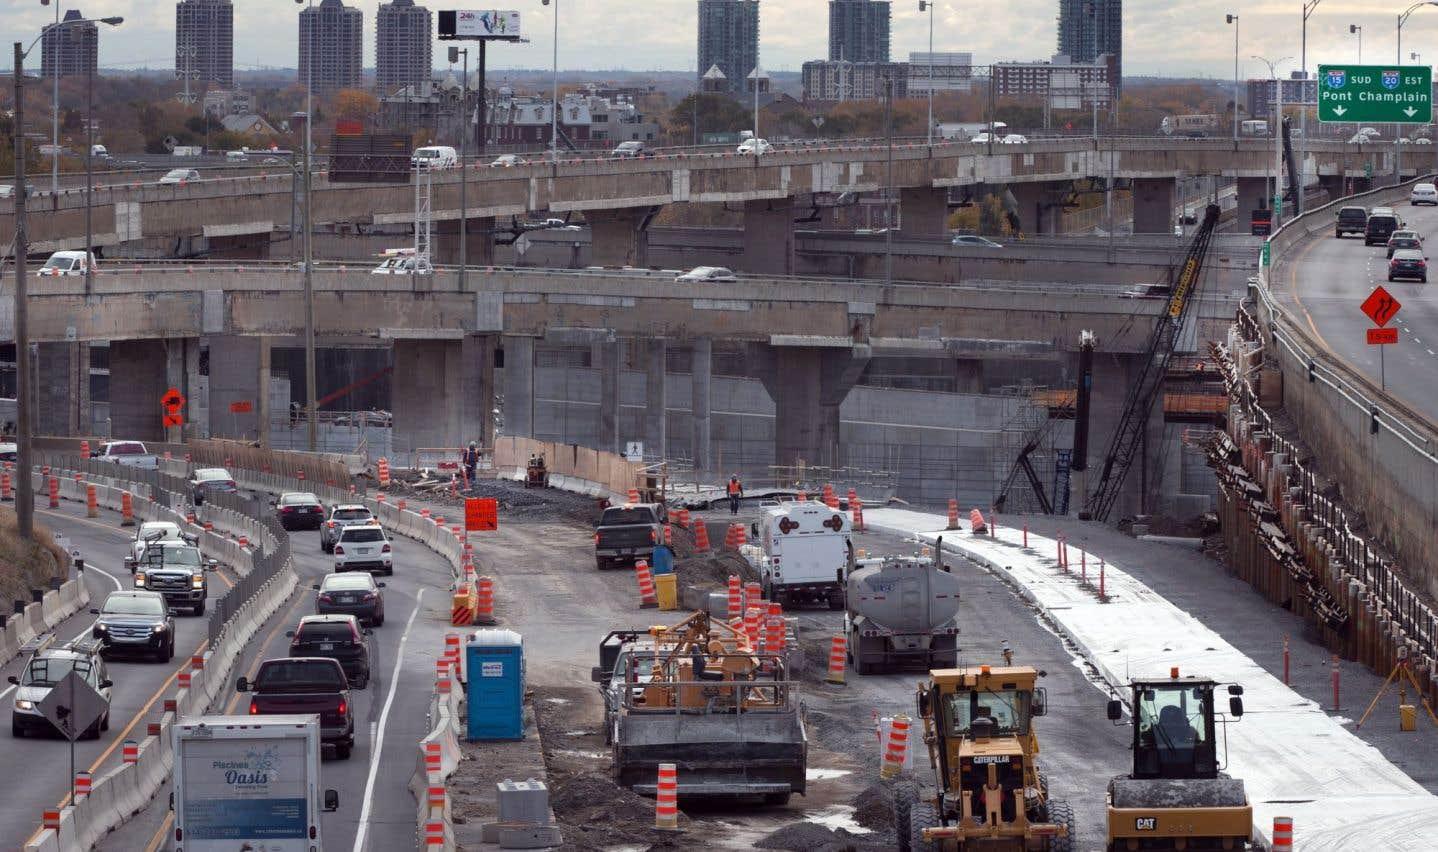 «[...] la circulation à Montréal (et même de plus en plus à Québec) est chaotique», déplore Luc-Normand Tellier.